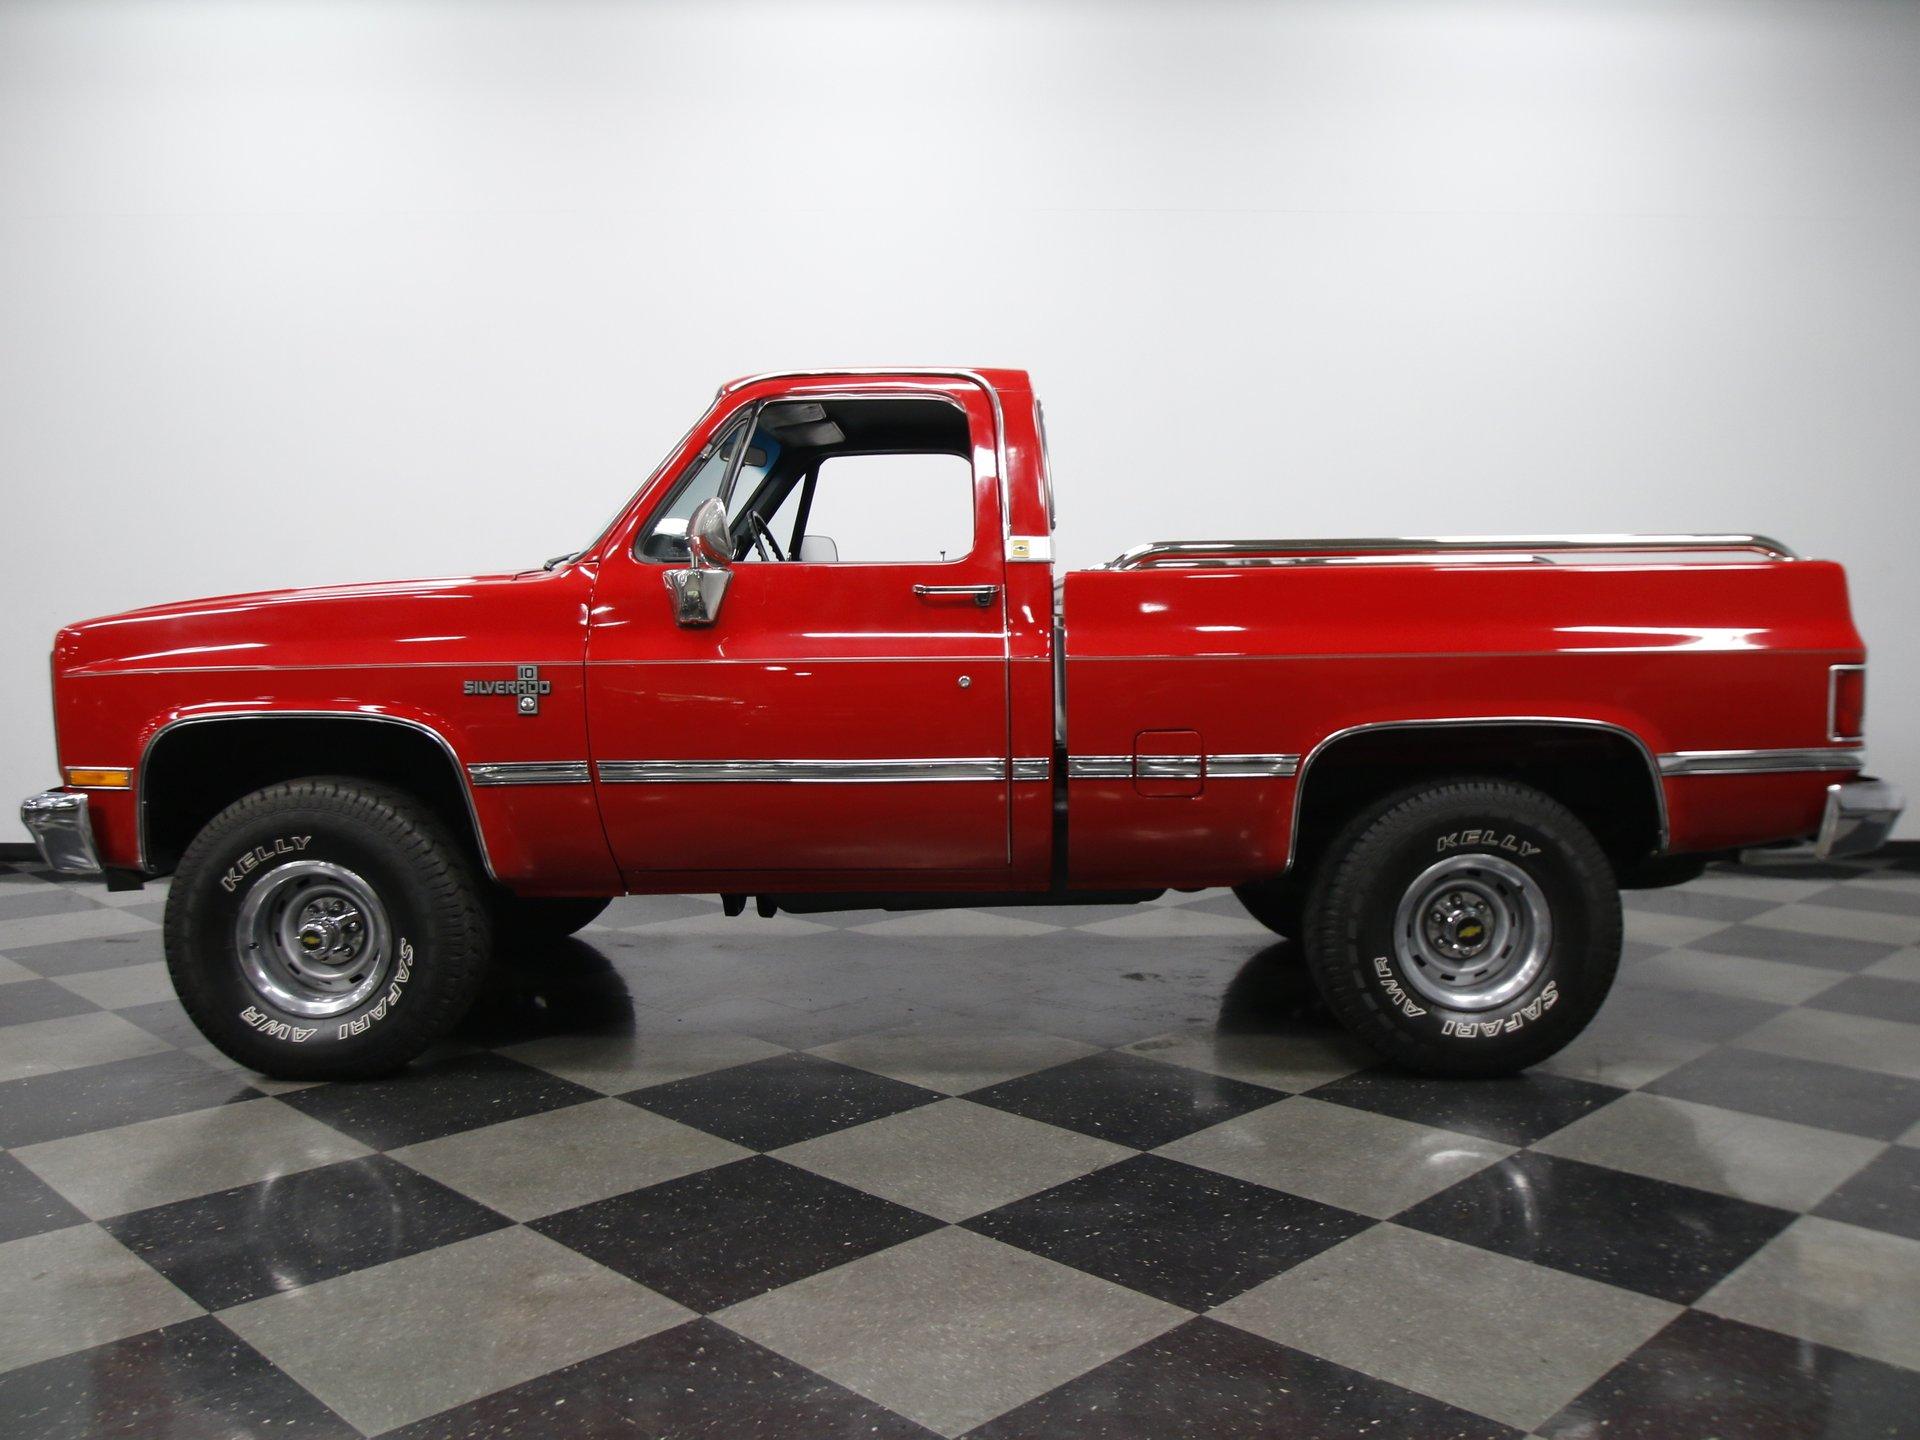 1986 chevrolet silverado 1500 4x4